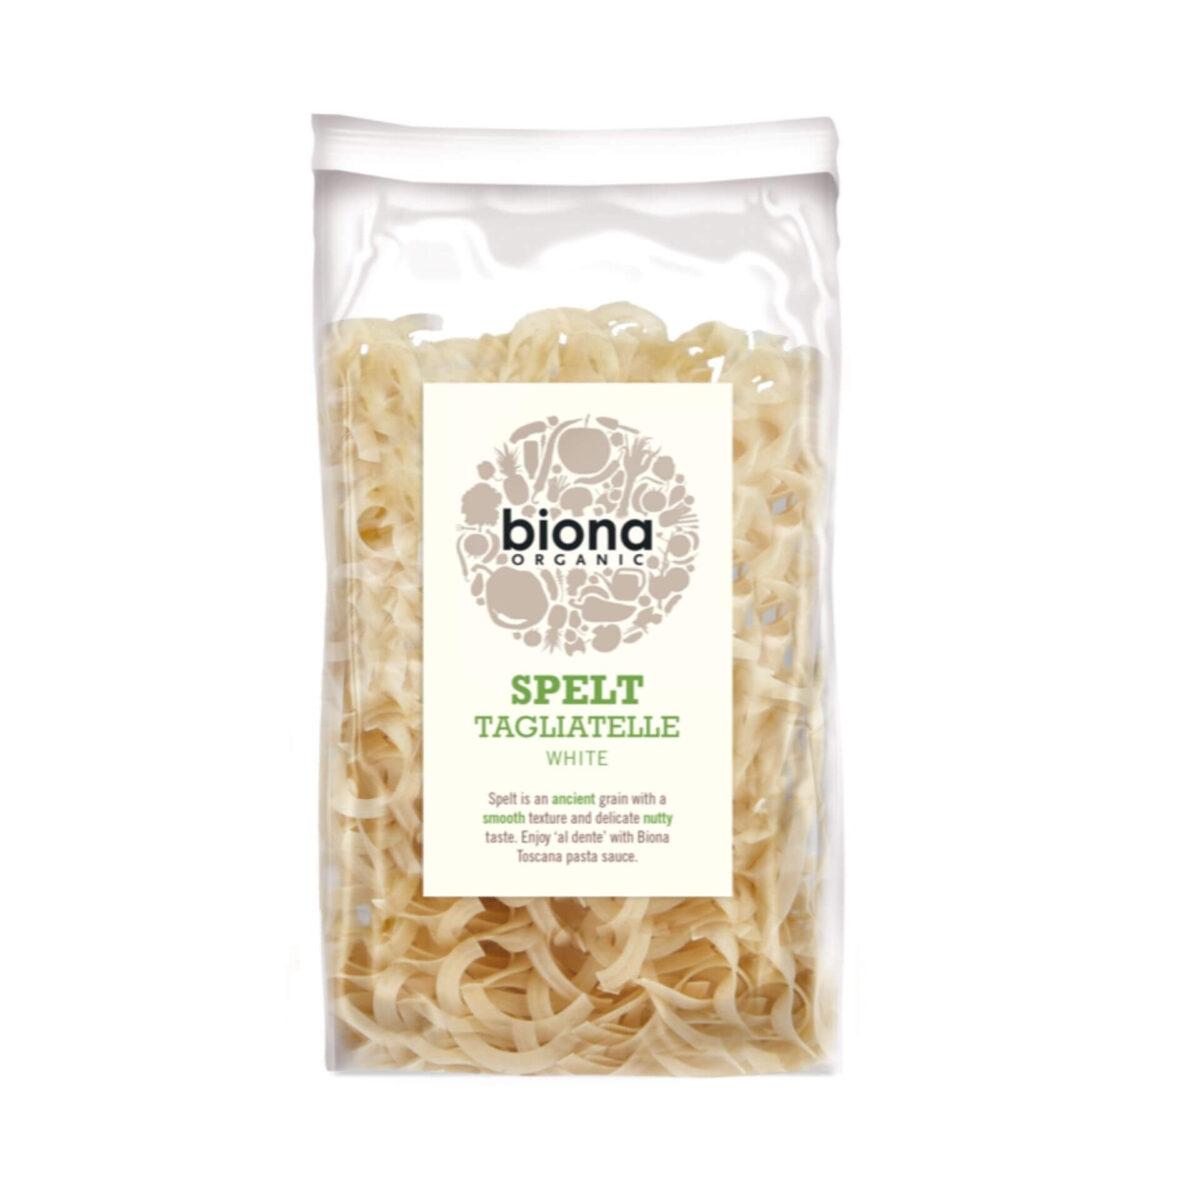 biona-organic-spelt-tagliatelle-white-500-g-326458